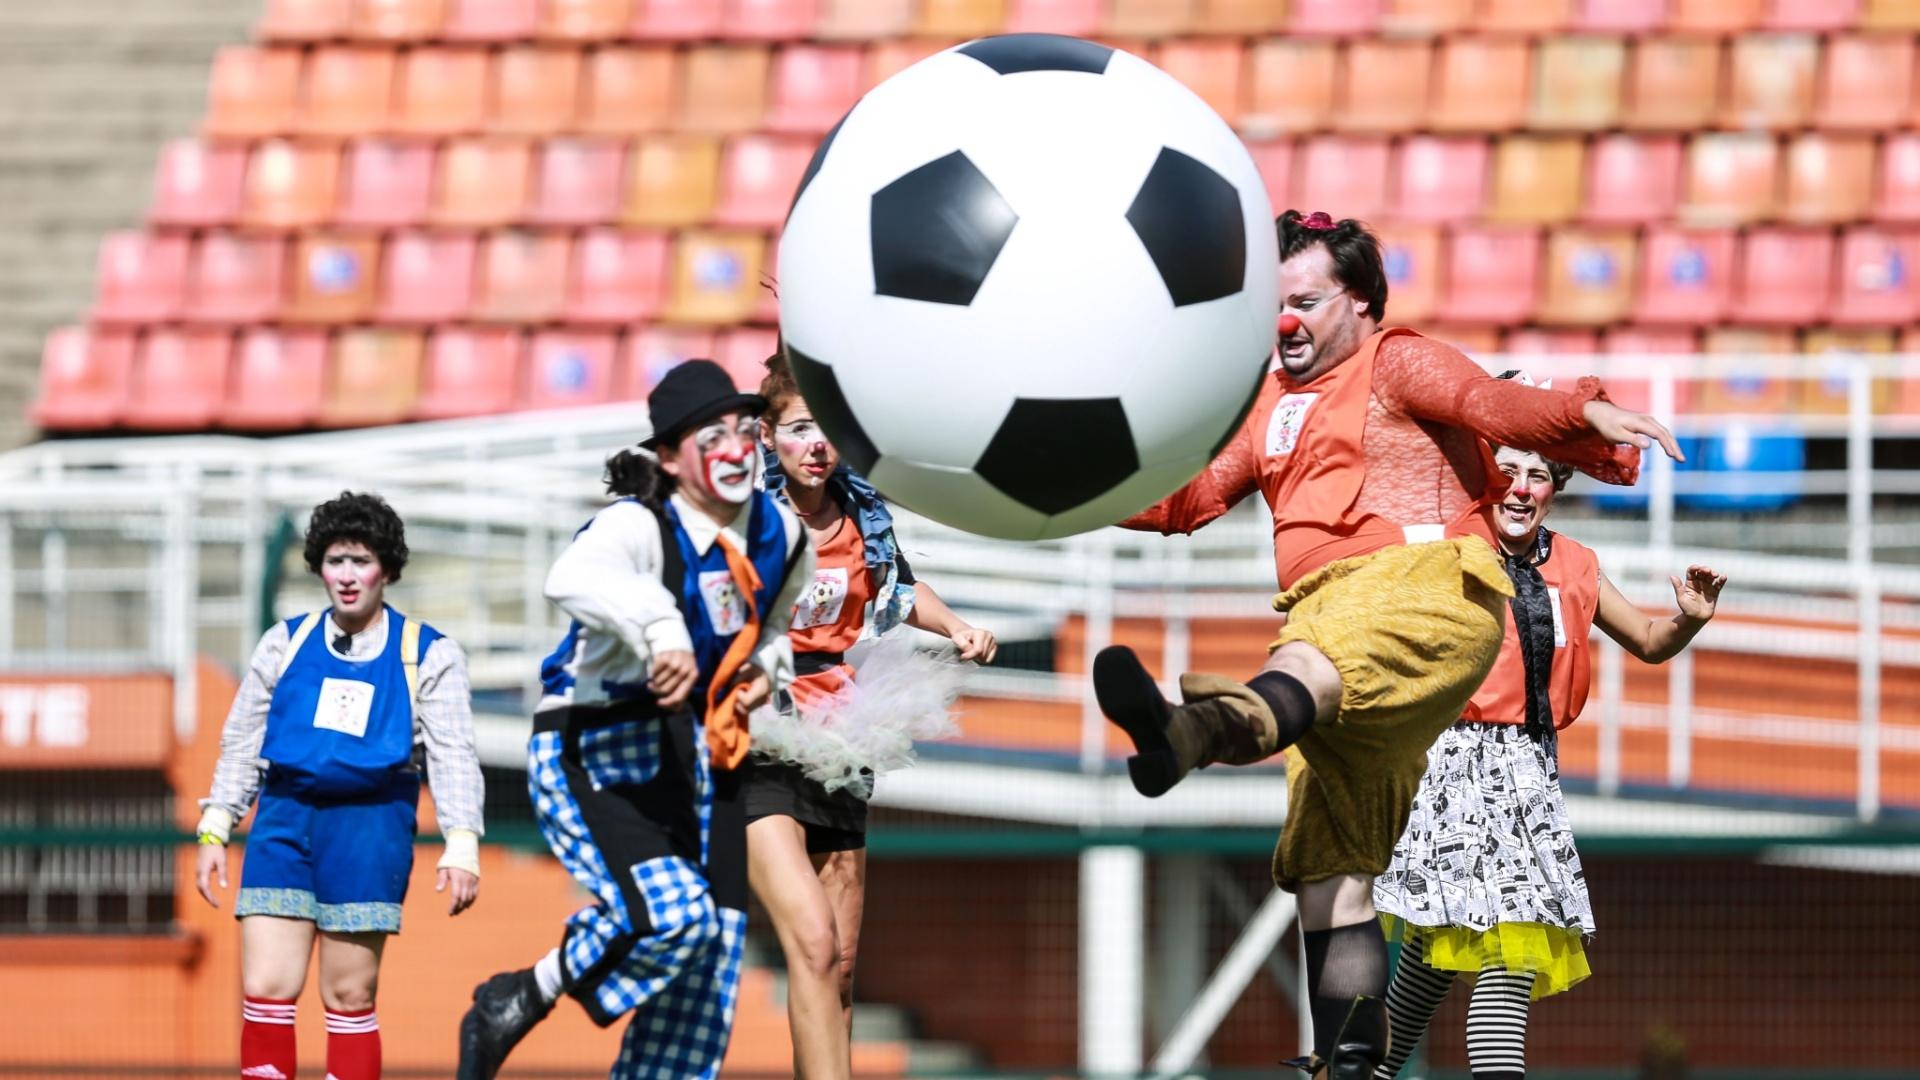 13.dez.2015 - Palhaços disputam partida de futebol vestidos à caráter, no estádio do Pacaembu, em São Paulo